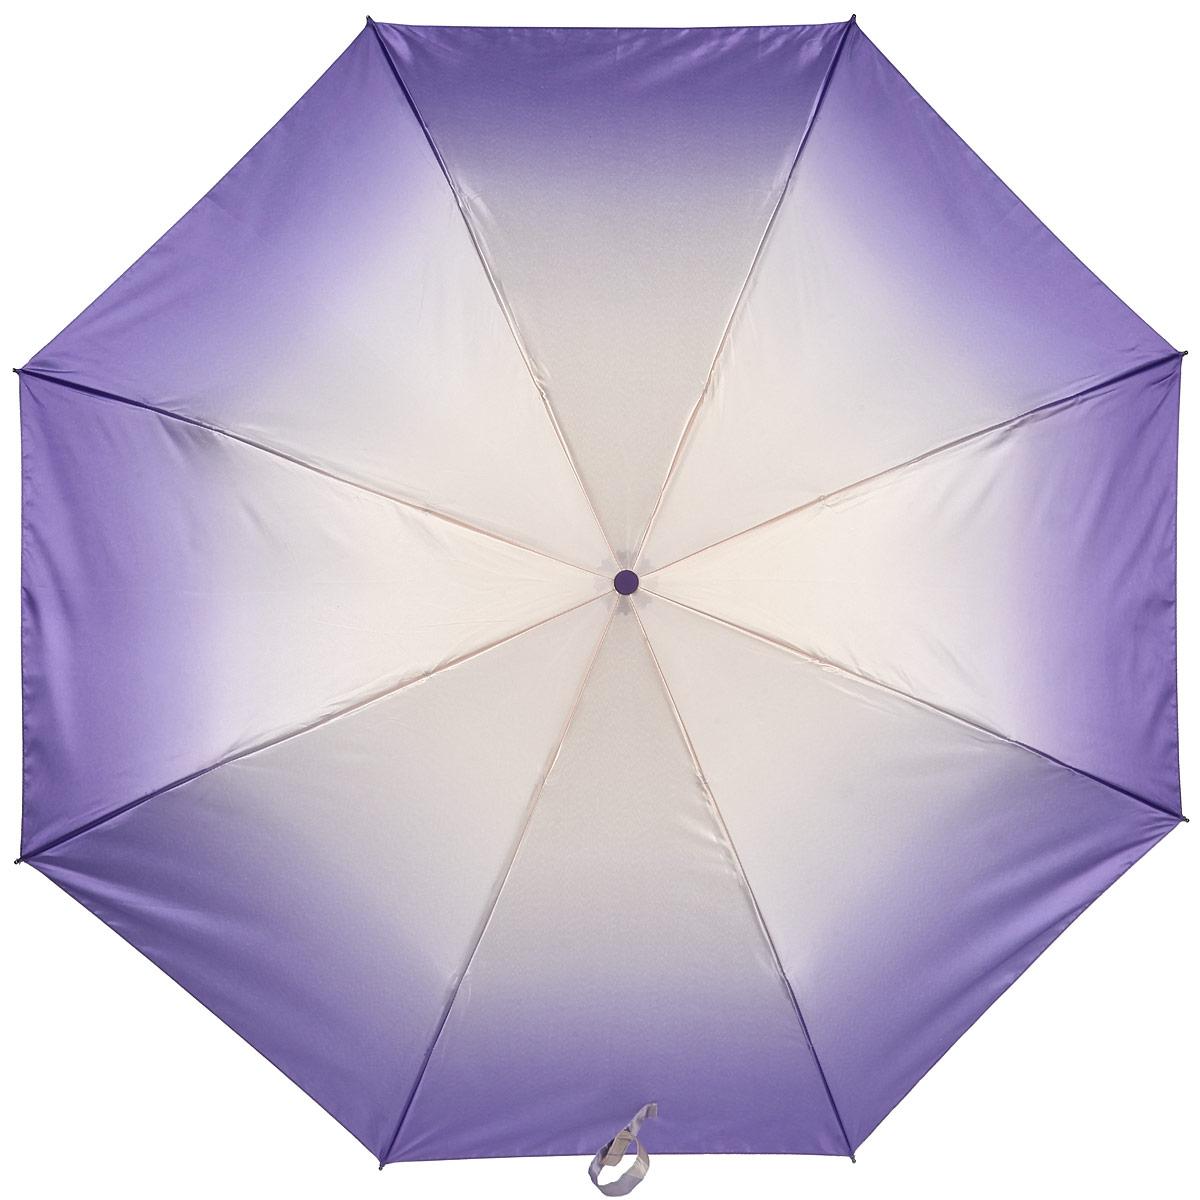 Зонт женский Labbra, автомат, 3 сложения, цвет: лиловый, бежевый. A3-05-024A3-05-024Яркий зонт Labbra оформлен в двух цветах с помощью плавного перехода от одного цвета к другому. Каркас зонта изготовлен из стали и фибергласса, содержит восемь спиц, а также дополнен эргономичной рукояткой из пластика. Купол выполнен из полиэстера с водоотталкивающей пропиткой. Зонт имеет автоматический механизм сложения: купол открывается и закрывается нажатием кнопки на рукоятке, стержень складывается вручную до характерного щелчка, благодаря чему открыть и закрыть зонт можно одной рукой, что чрезвычайно удобно при входе в транспорт или помещение. Рукоятка дополнена удобной петлей. К зонту прилагается чехол. Практичный аксессуар даже в ненастную погоду позволит вам оставаться стильной и элегантной.